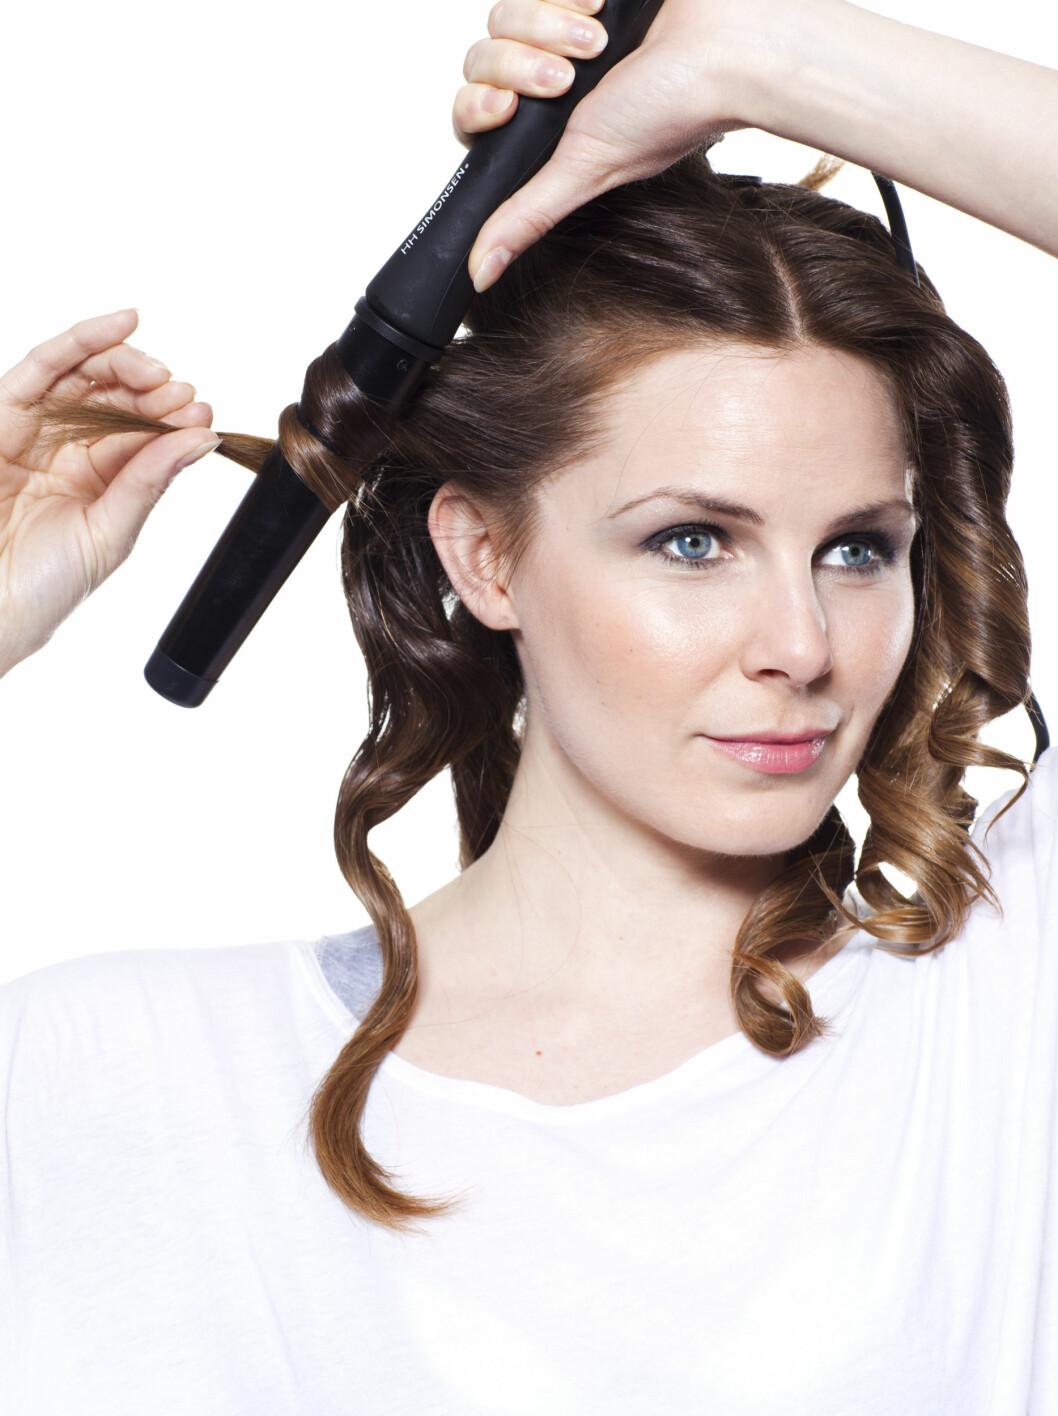 SKADELIG: Selv om varmeverktøy er skadelig for håret, er det måter å gjøre krøllingen mer skånsom på. Ferre seksjoner er én av dem.  Foto: Astrid Waller